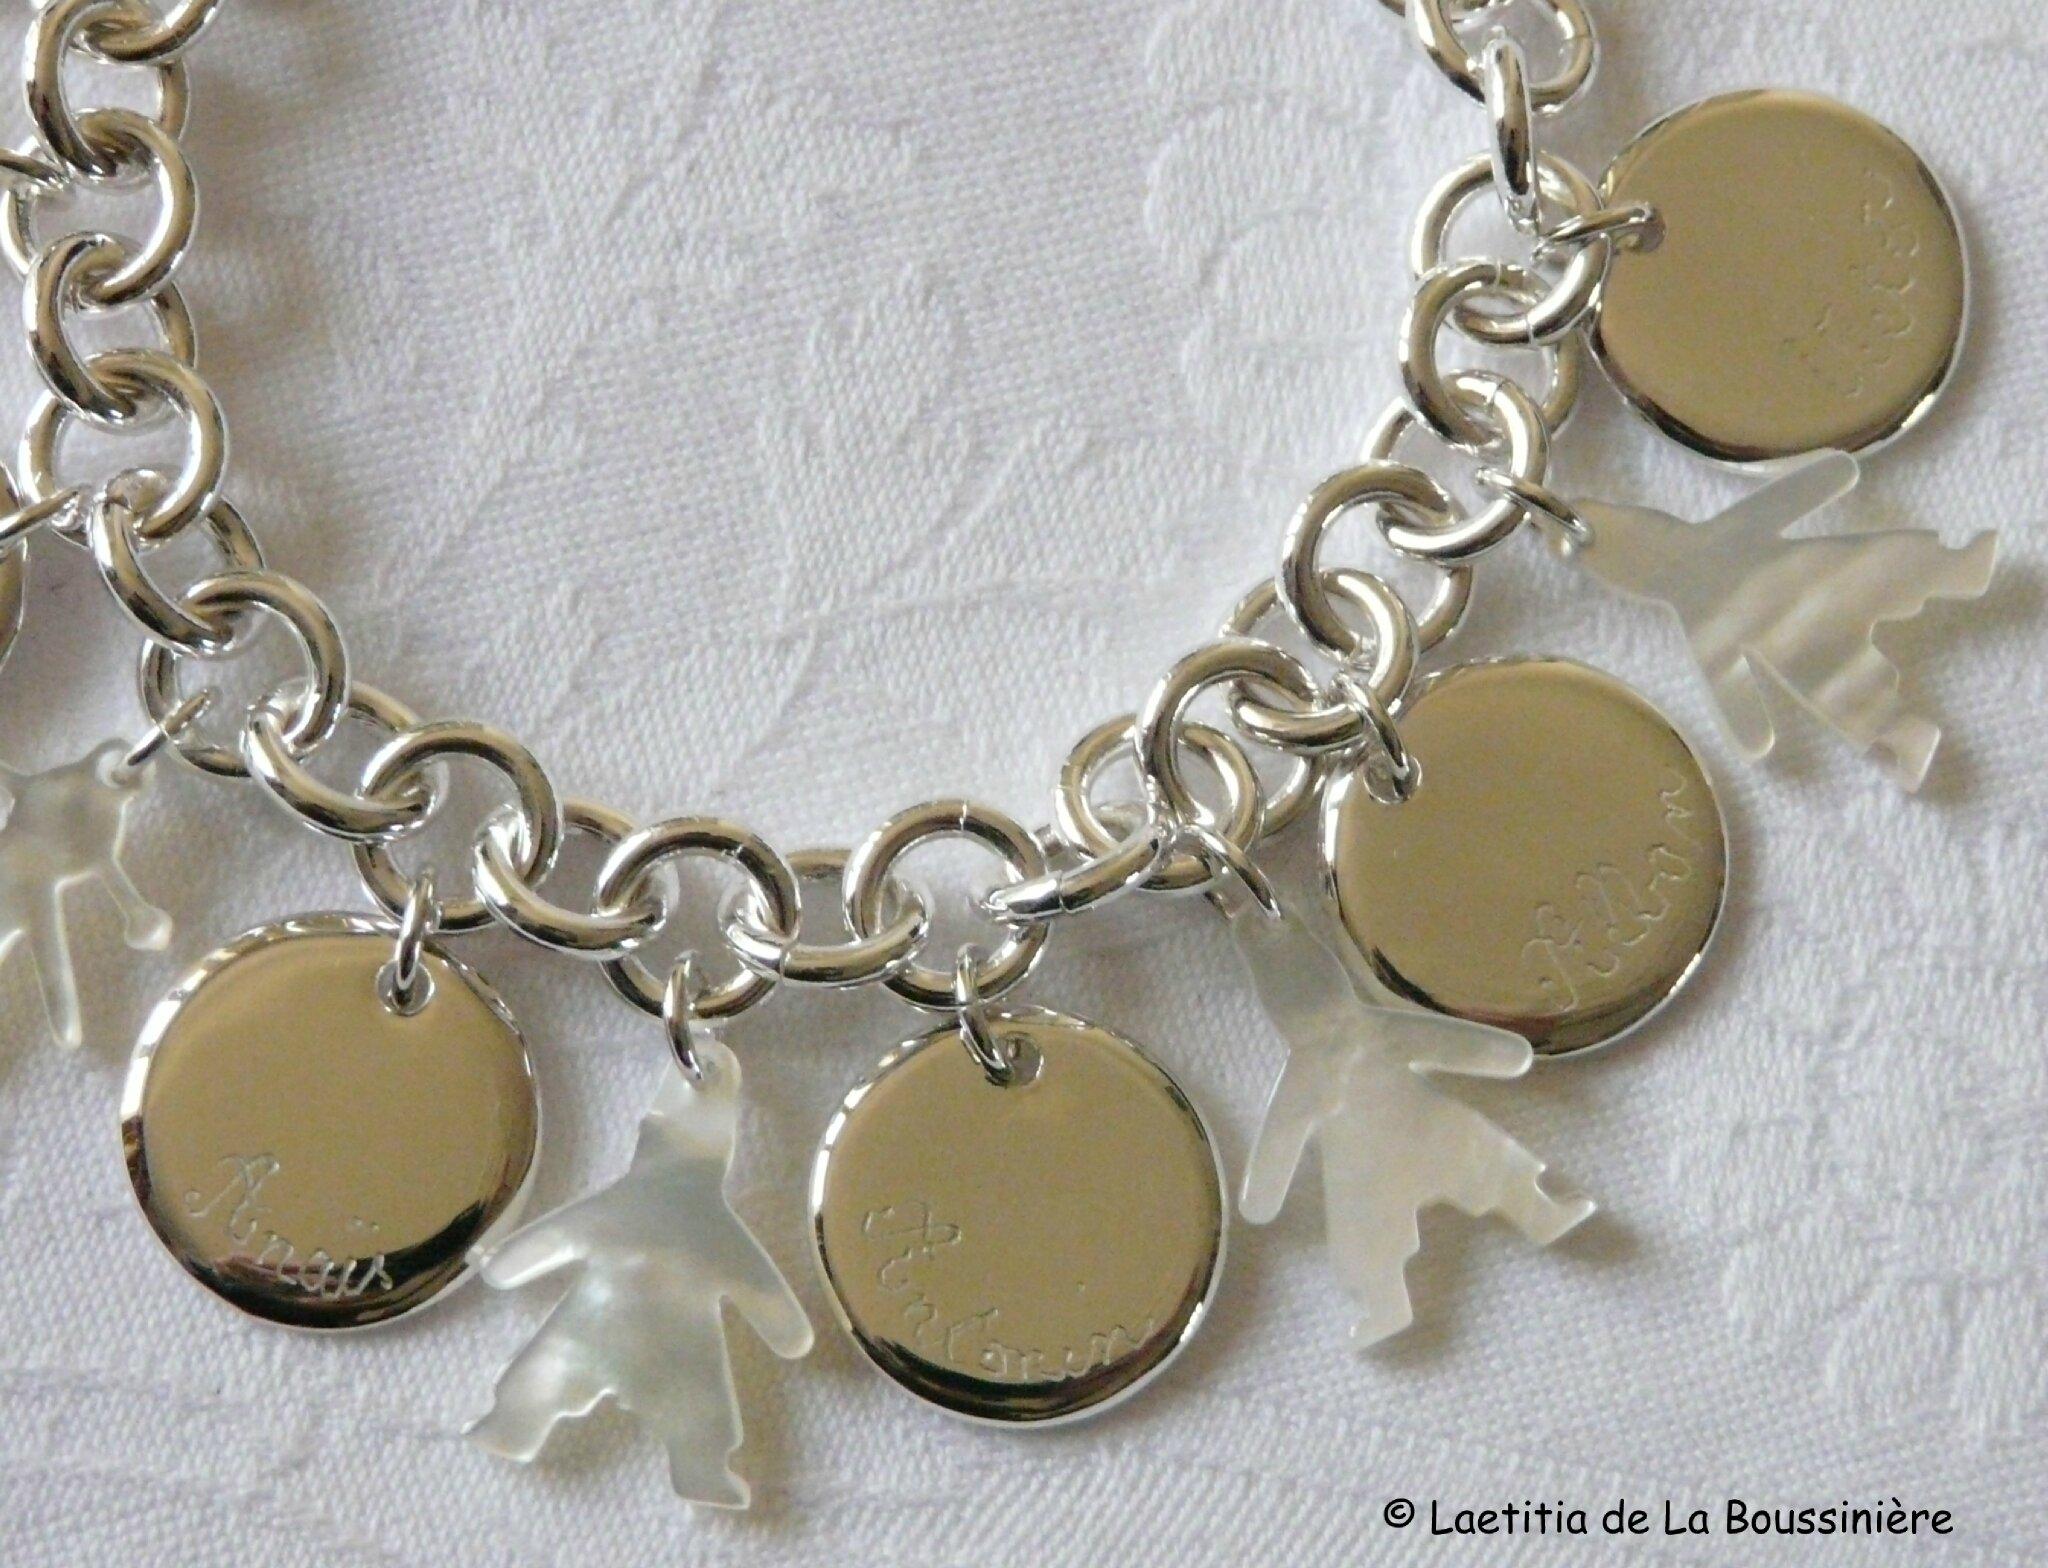 Bracelet sur chaîne plaqué argent ronde, médailles en argent massif gravées et personnages en nacre (ici les garçons)